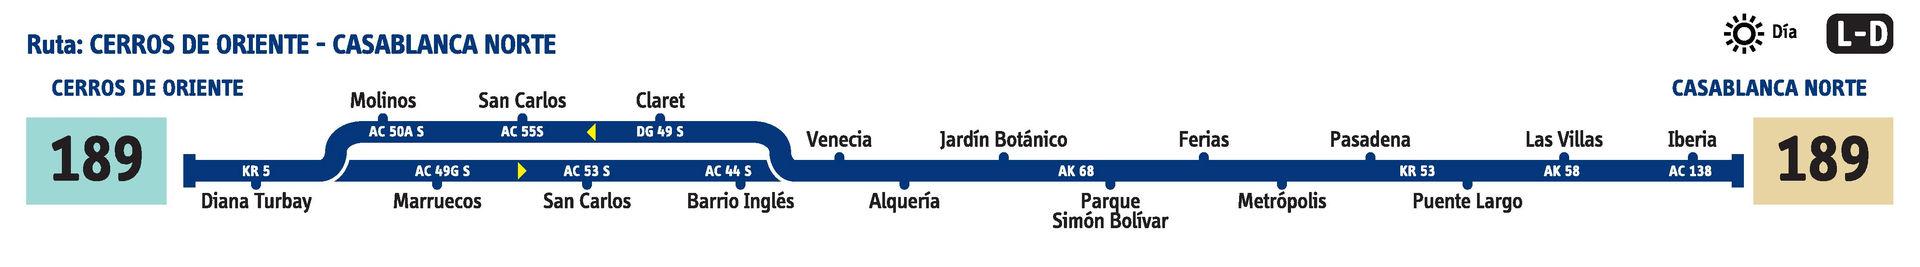 Ruta 189: Casablanca Norte ↔ Cerros de Oriente 7